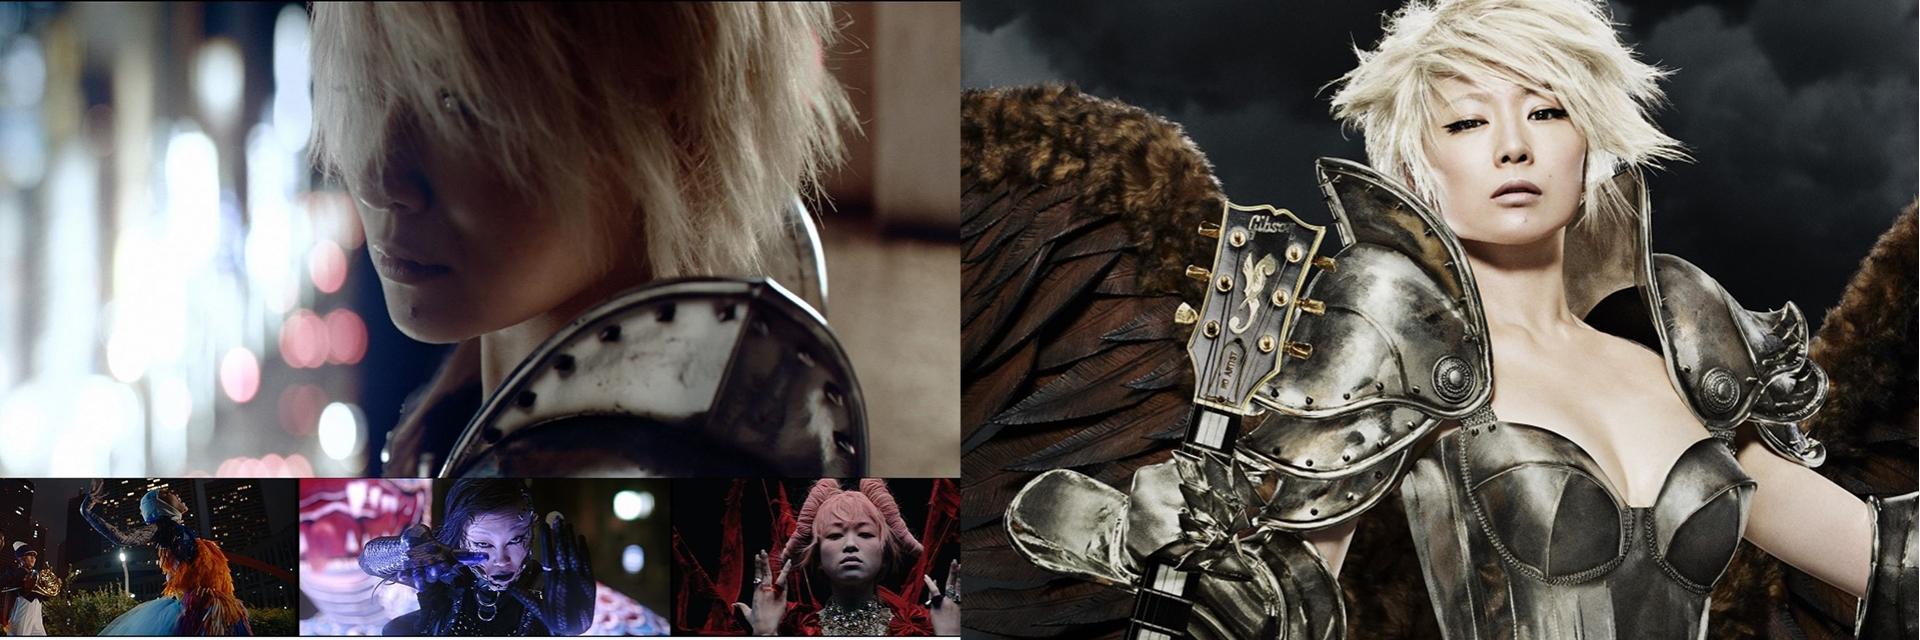 跨世代至上藝術 椎名林檎化身人馬戰士 編寫人性黑暗的『三毒史』